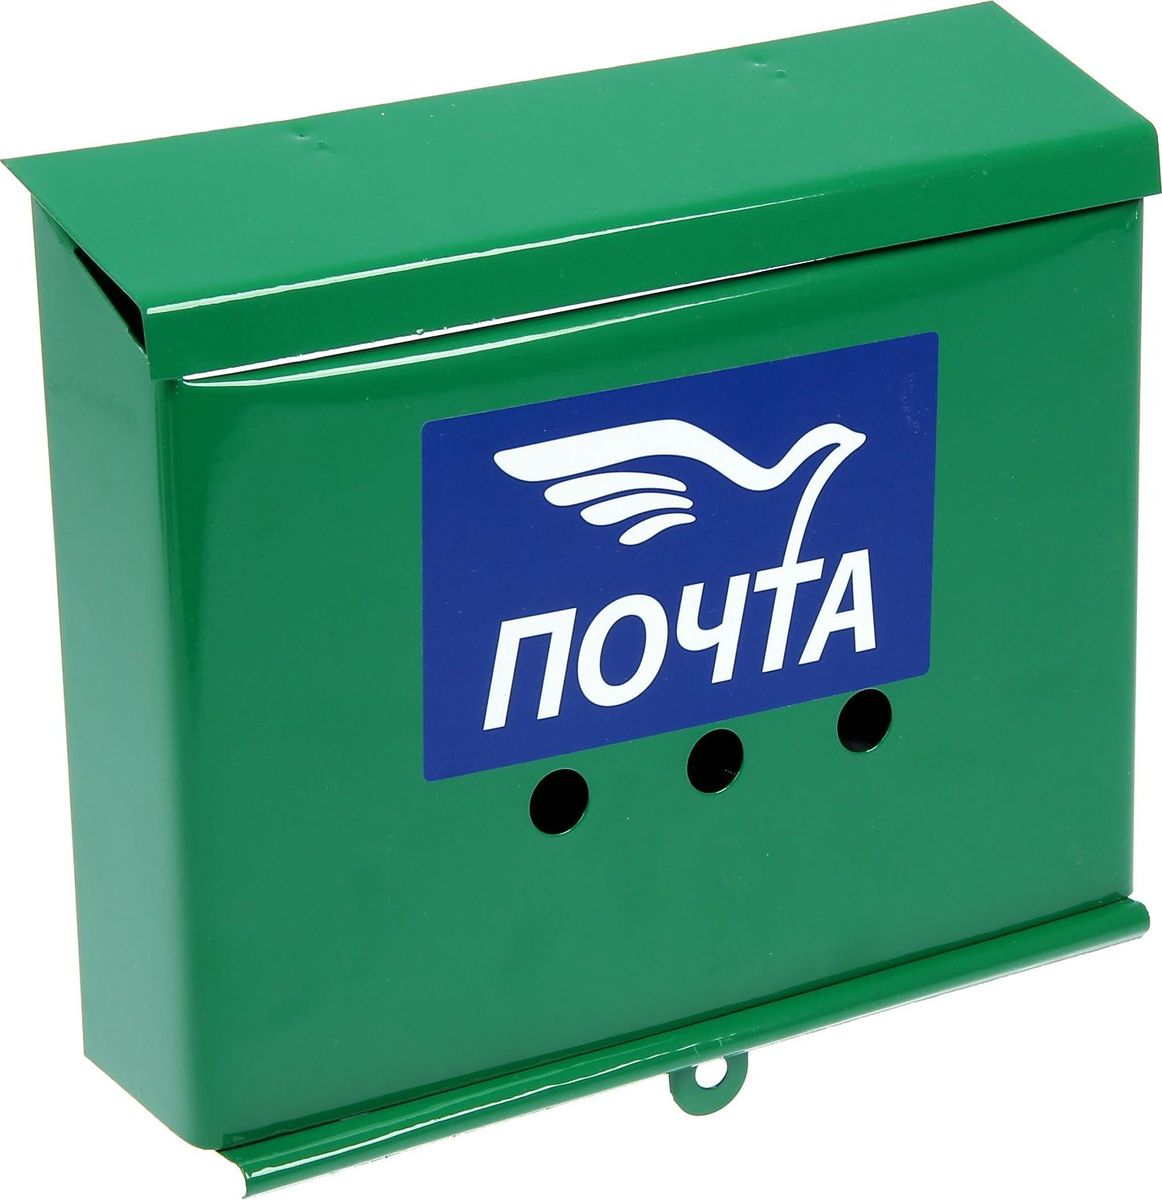 Ящик почтовый Письмо, с петлей, цвет: зеленый, 21 х 25 х 6,5 см2143920Почтовый ящик — то, что актуально во все времена. Несмотря на распространение интернета и мобильной связи, мы продолжаем получать бумажные счета, информационную корреспонденцию, ну а кто-то по-прежнему остается верен старым добрым конвертам. Чтобы не терять связи с неэлектронными сферами жизни, обзаведитесь почтовым ящиком. Установите его в удобном месте… и пишите письма!